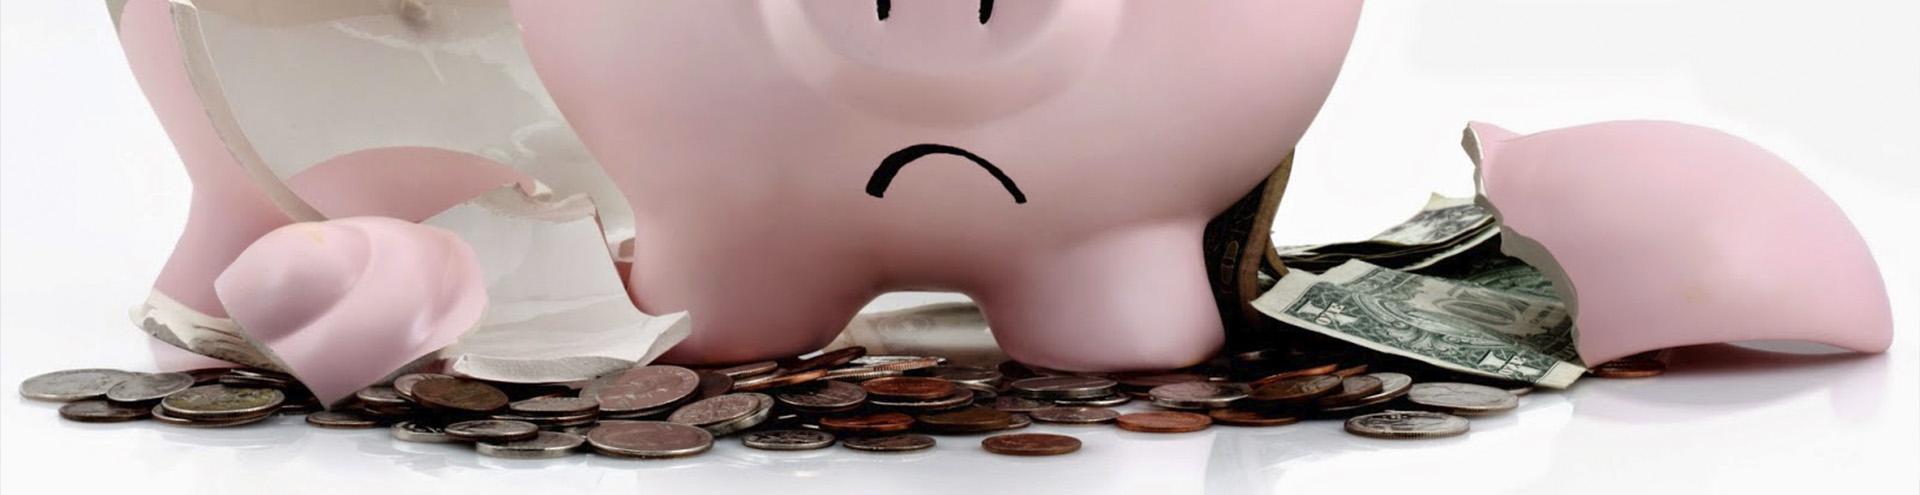 банкротство банка в Краснодаре и Краснодарском крае